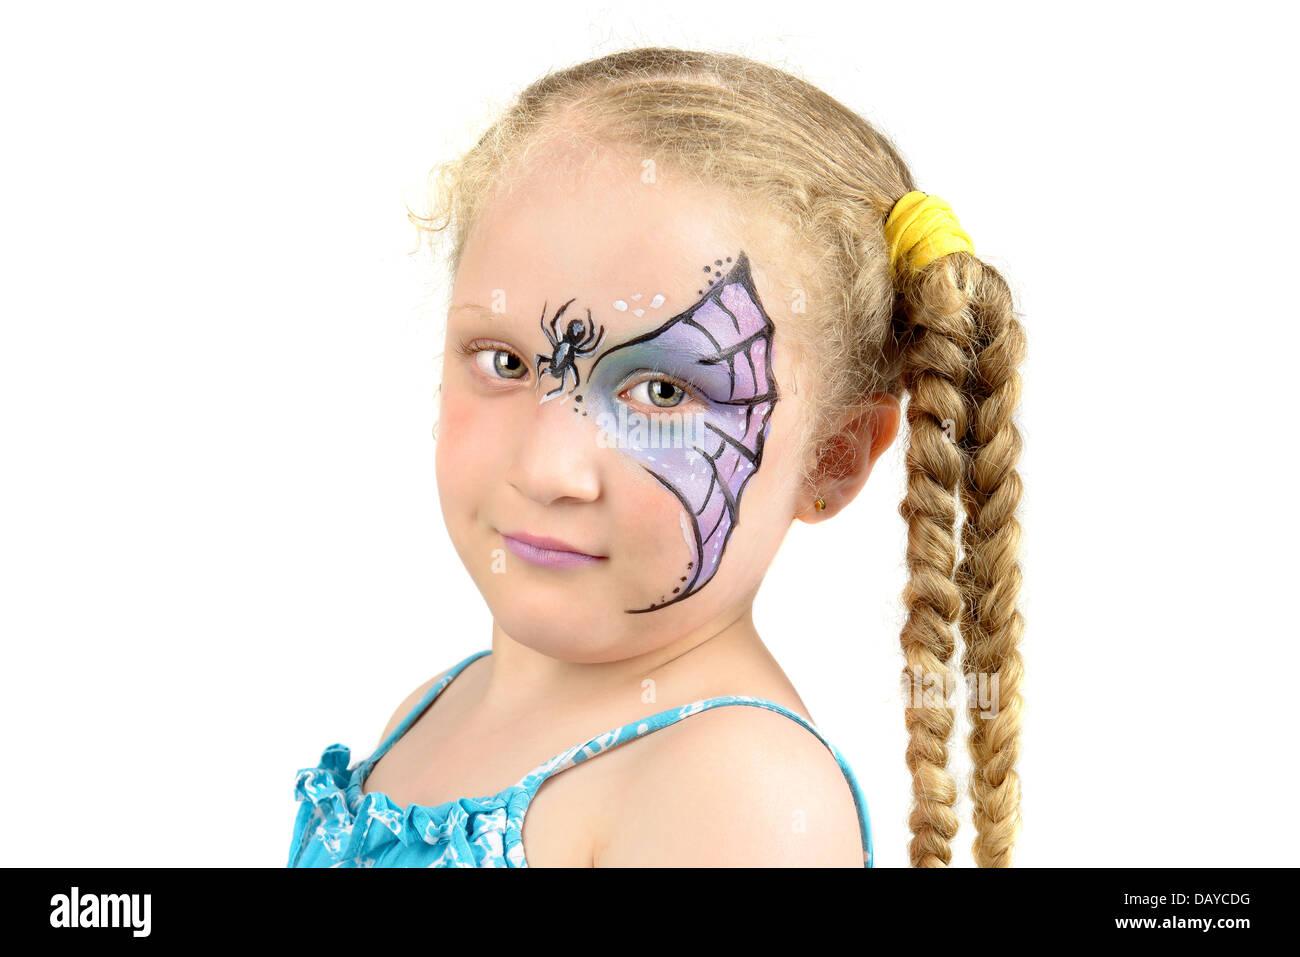 Schöne Junge Mädchen Mit Gesicht Gemalt Mit Einem